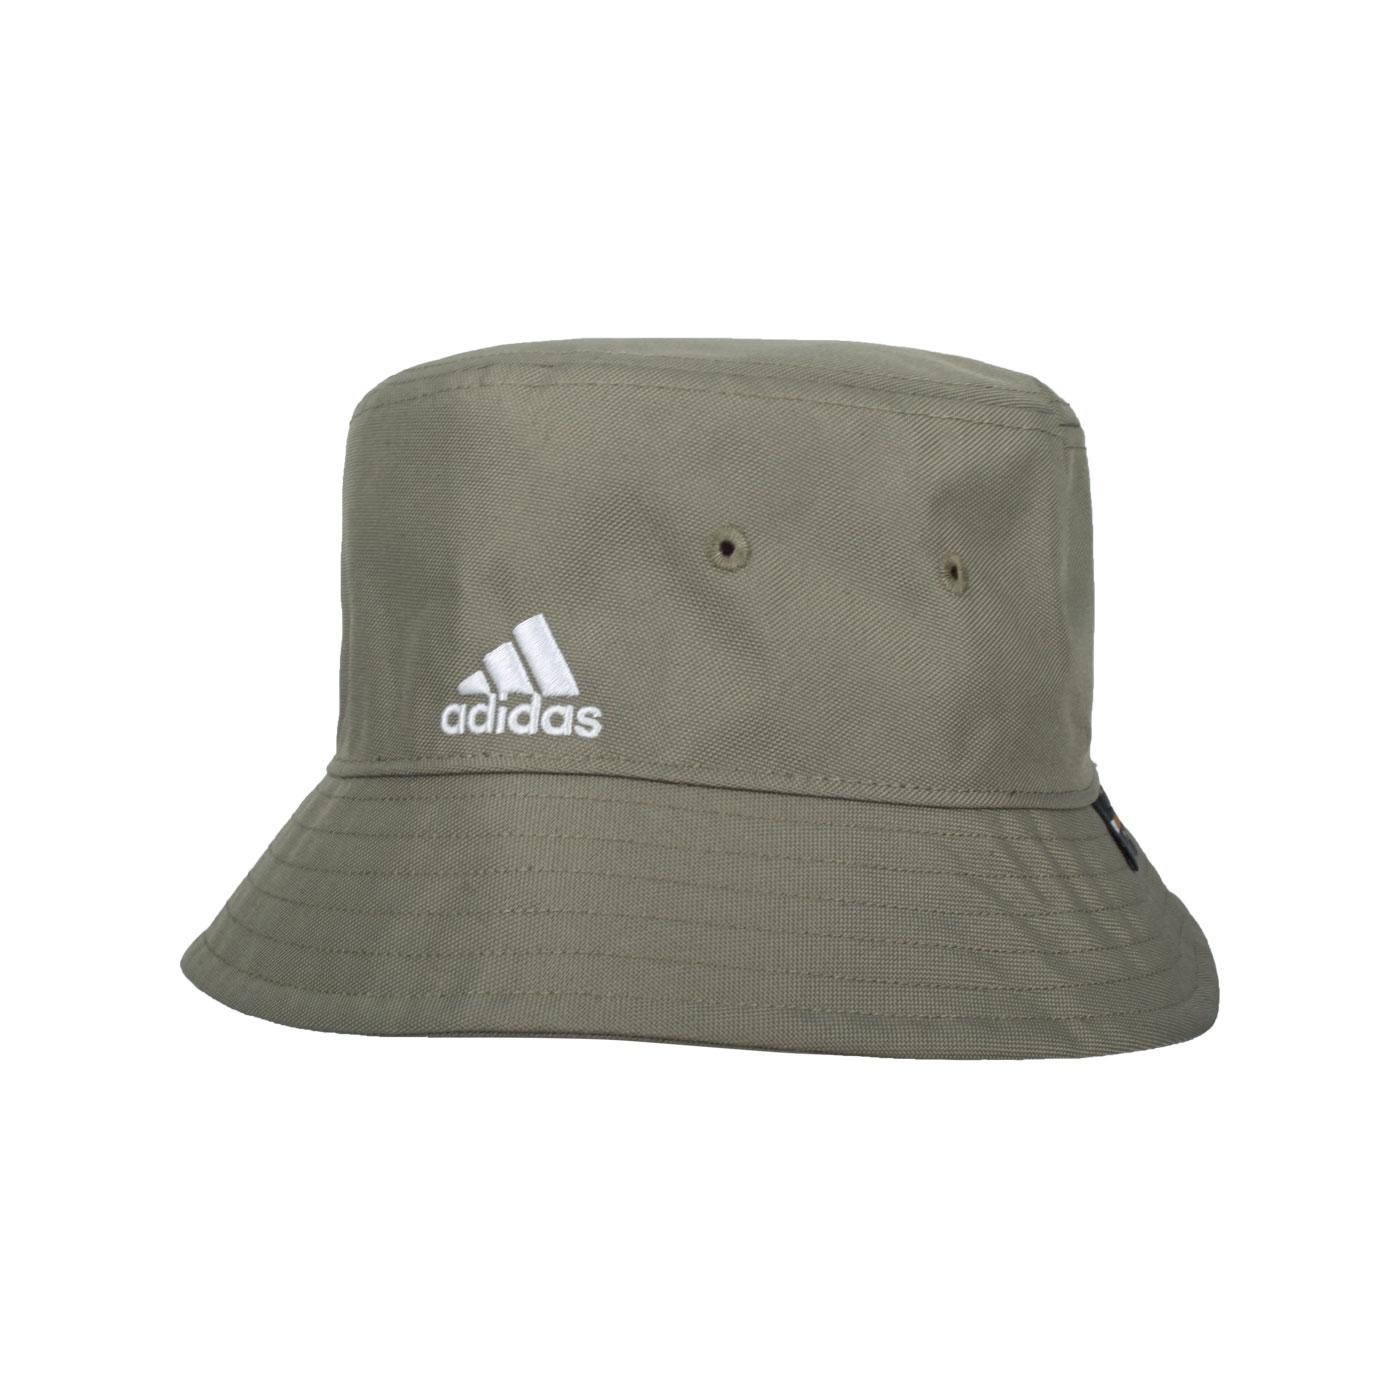 ADIDAS 漁夫帽 GV6548